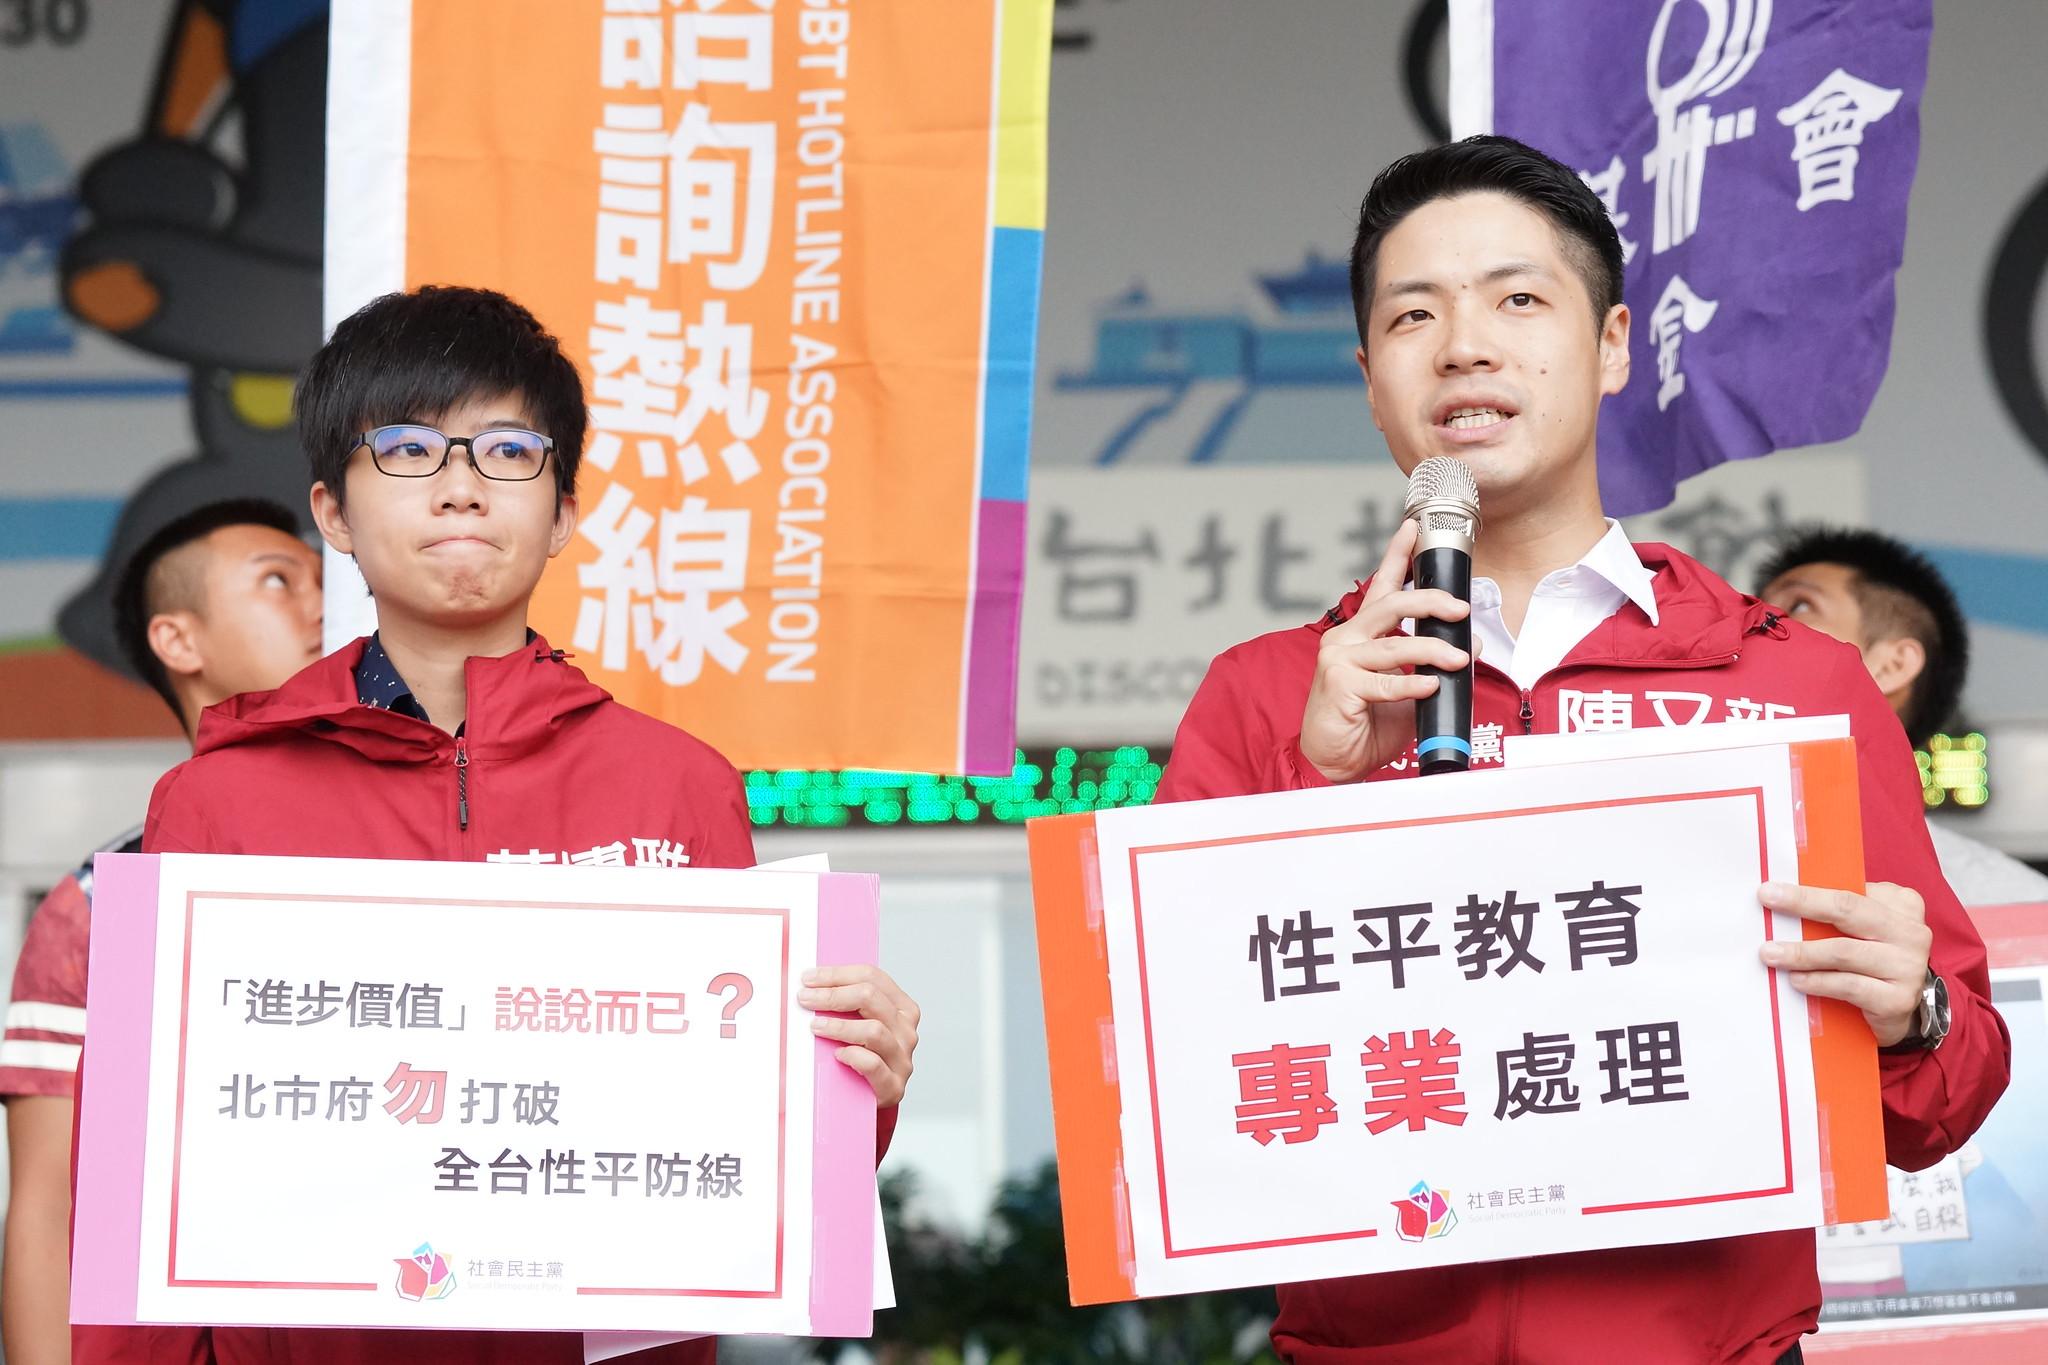 社民黨偕同數個民團召開記者會呼籲性平教育尊重專業。(攝影:王顥中)